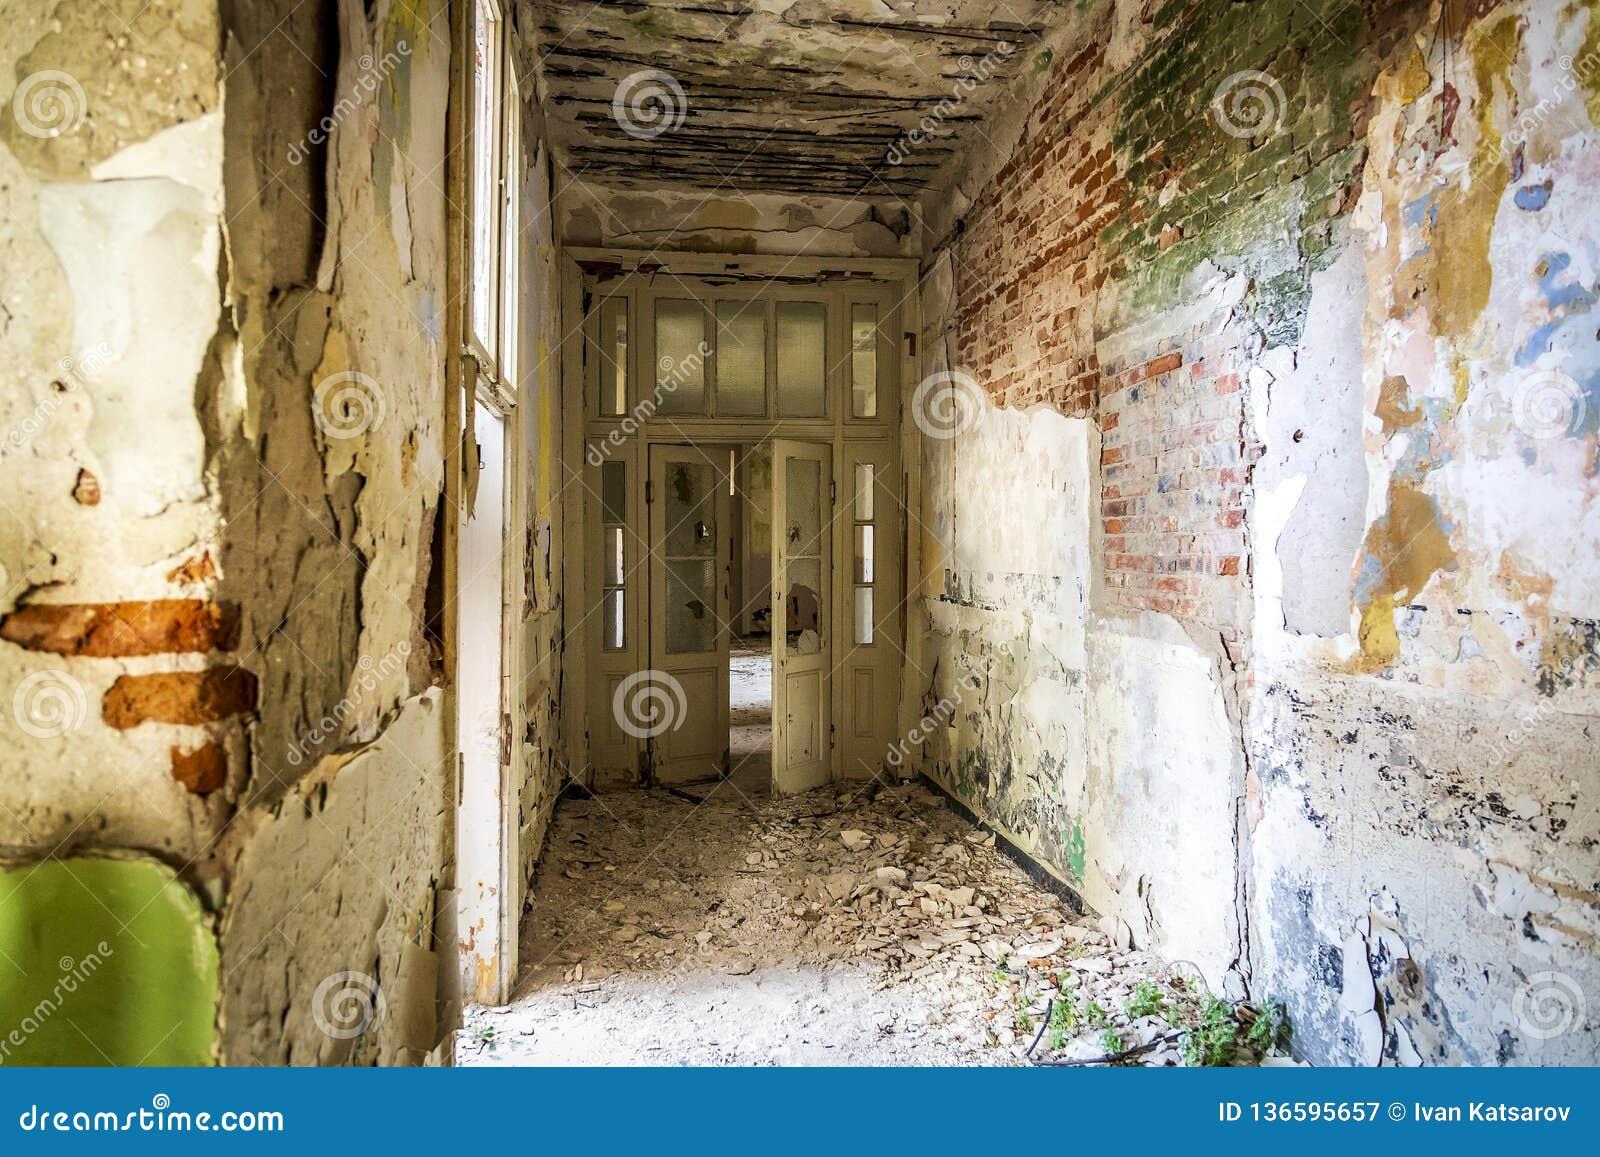 Oude veronachtzaamde en vernietigde binnenlandse ruimten een weinig lawaaierig effect voor groter drama